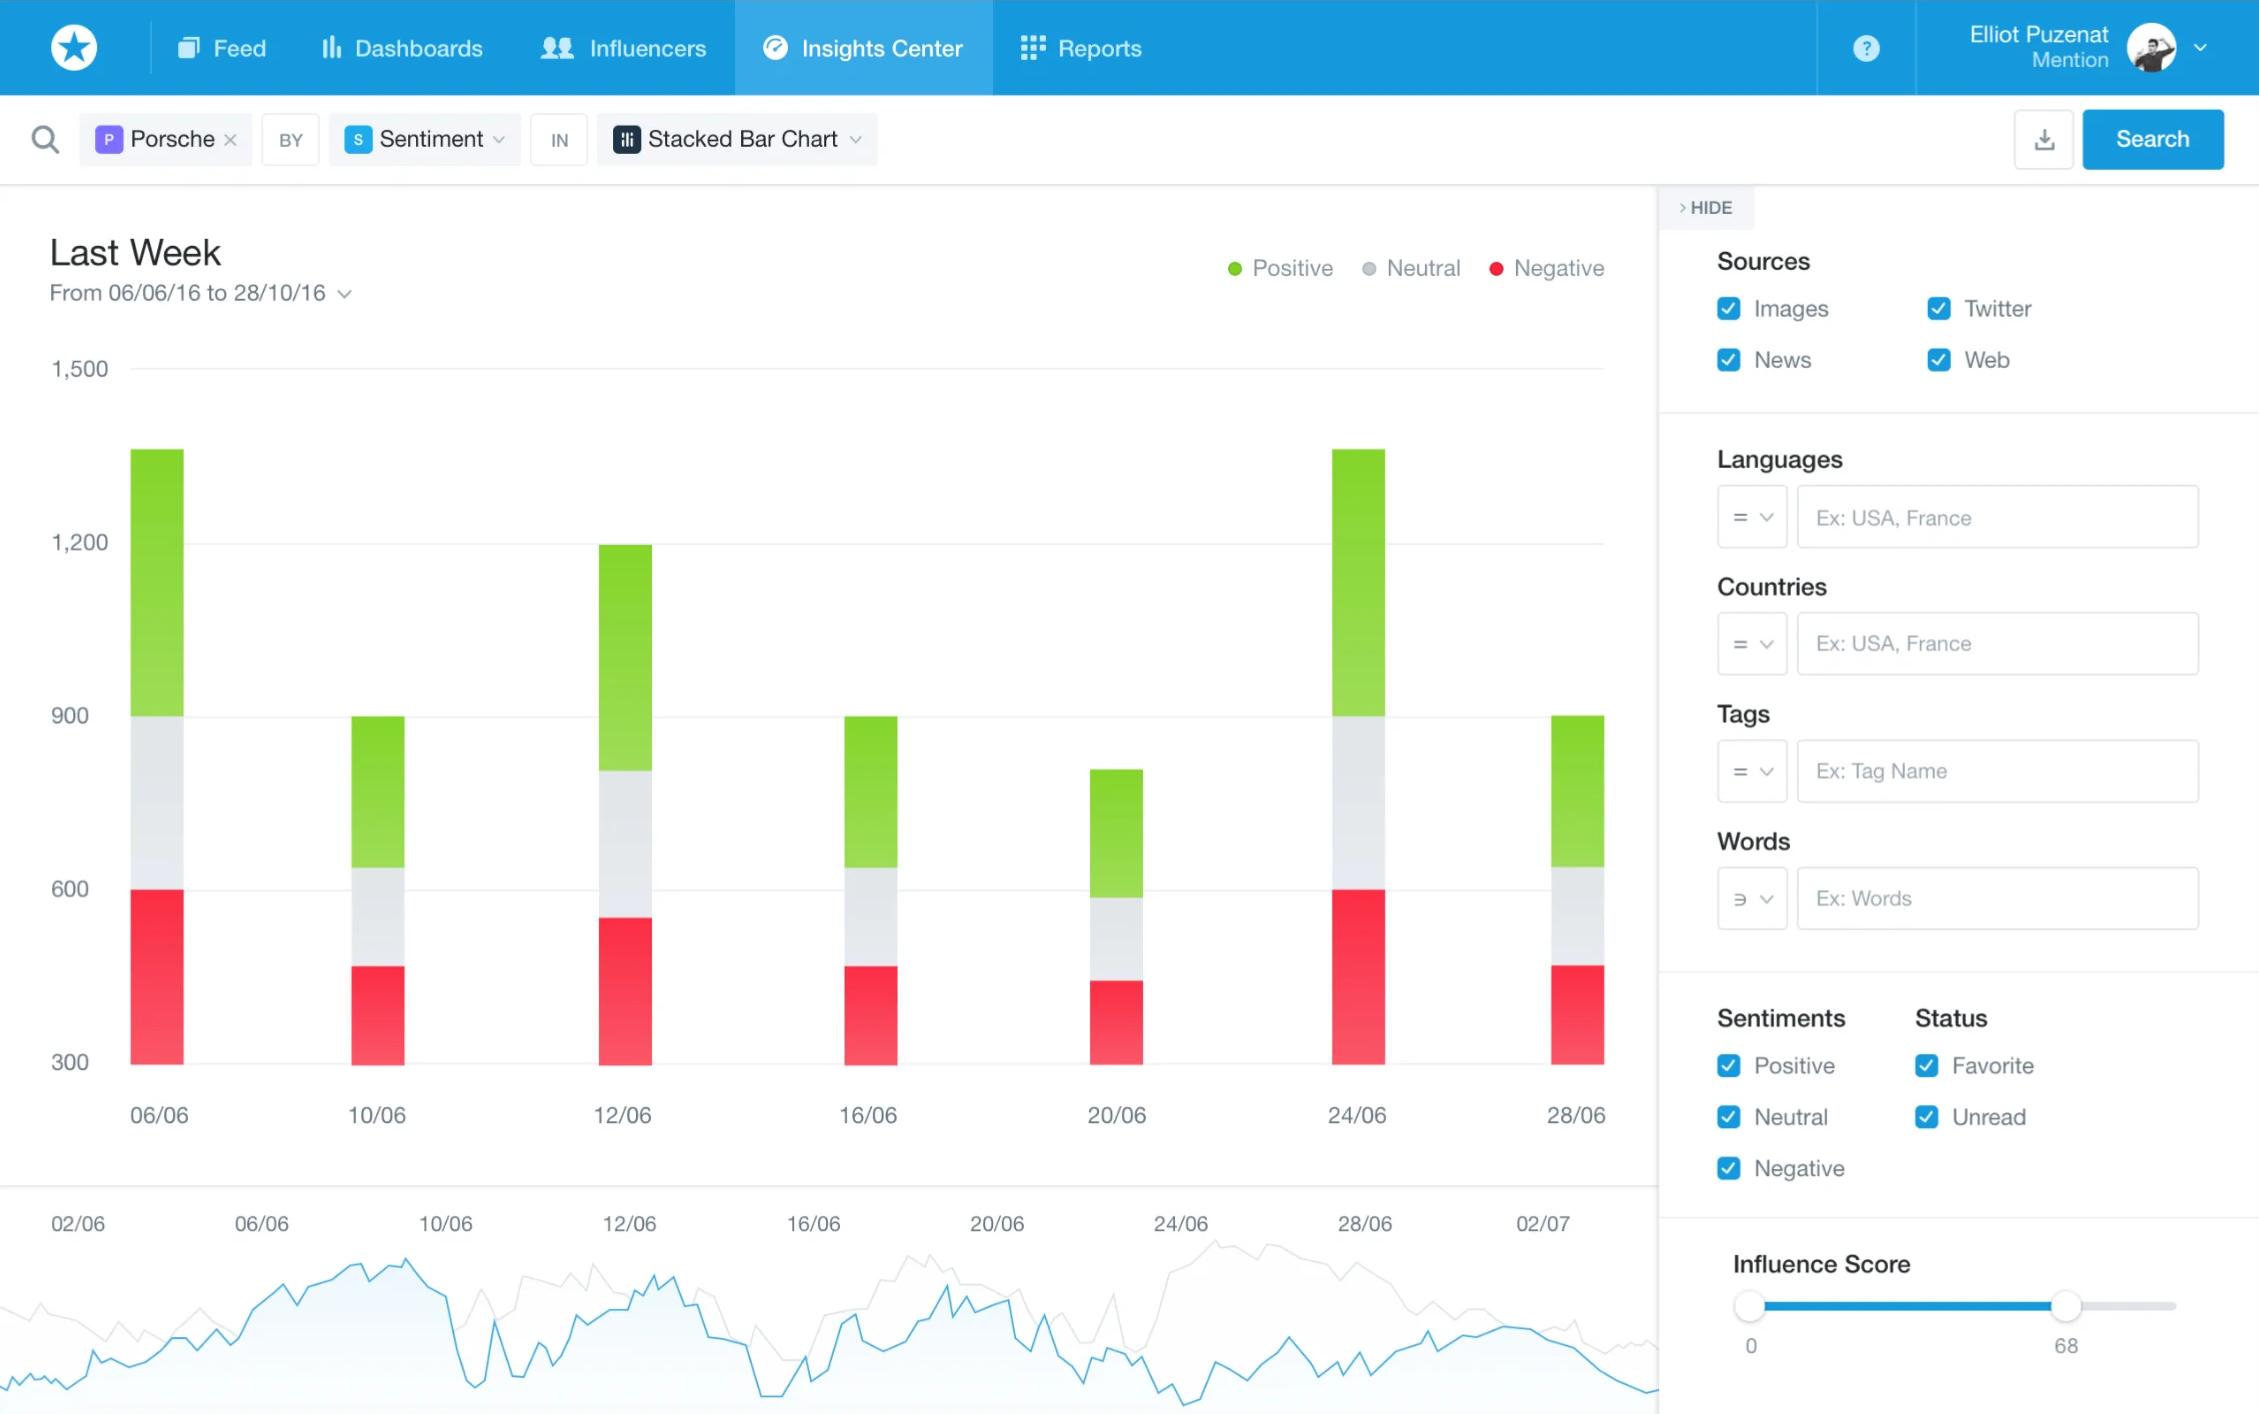 Контент-анализ тональности сообщений и постов в социальных сетях в программном обеспечении Mention